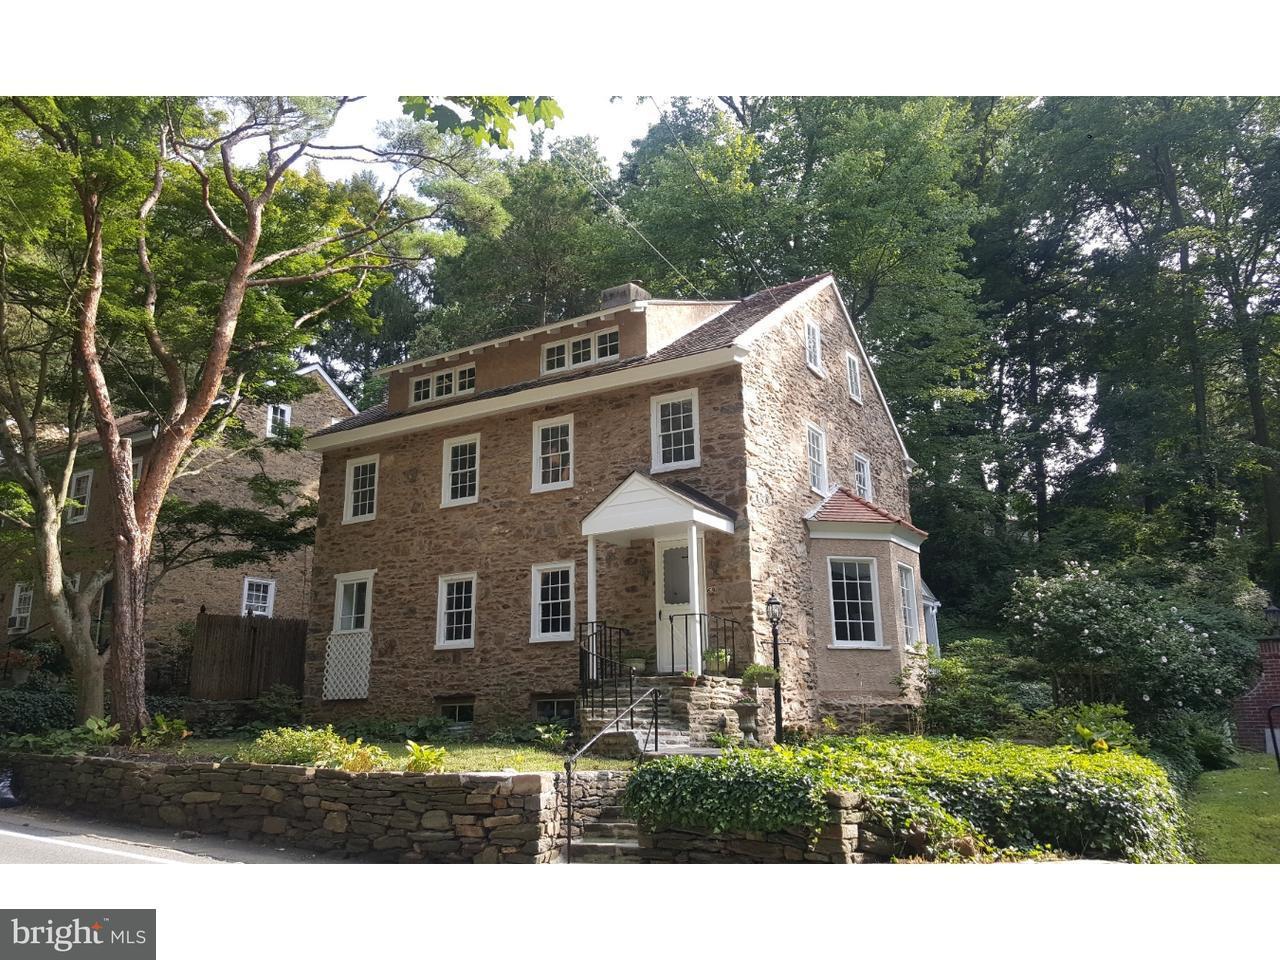 Частный односемейный дом для того Продажа на 69 W ROSE VALLEY Road Rose Valley, Пенсильвания 19086 Соединенные Штаты